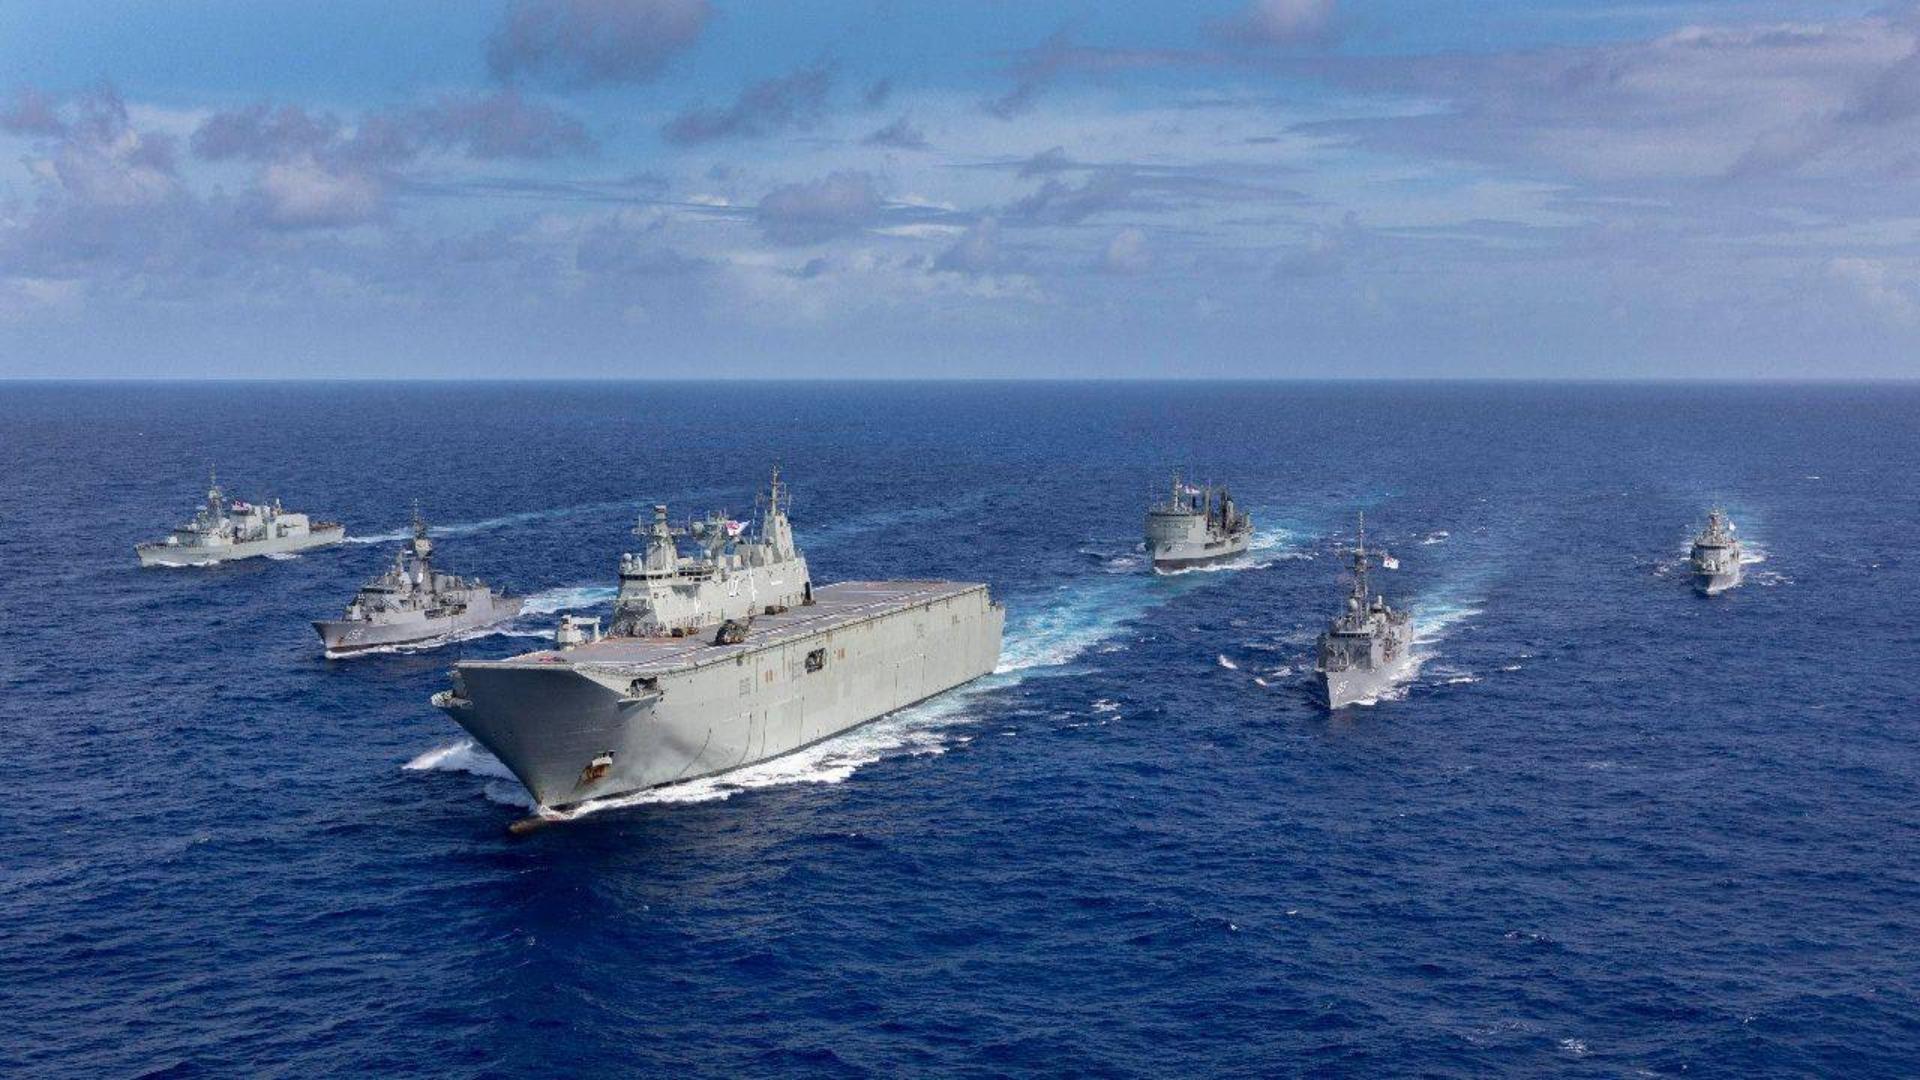 中国海军这十年发展令美心悸:变化惊人,舰艇规模太强大